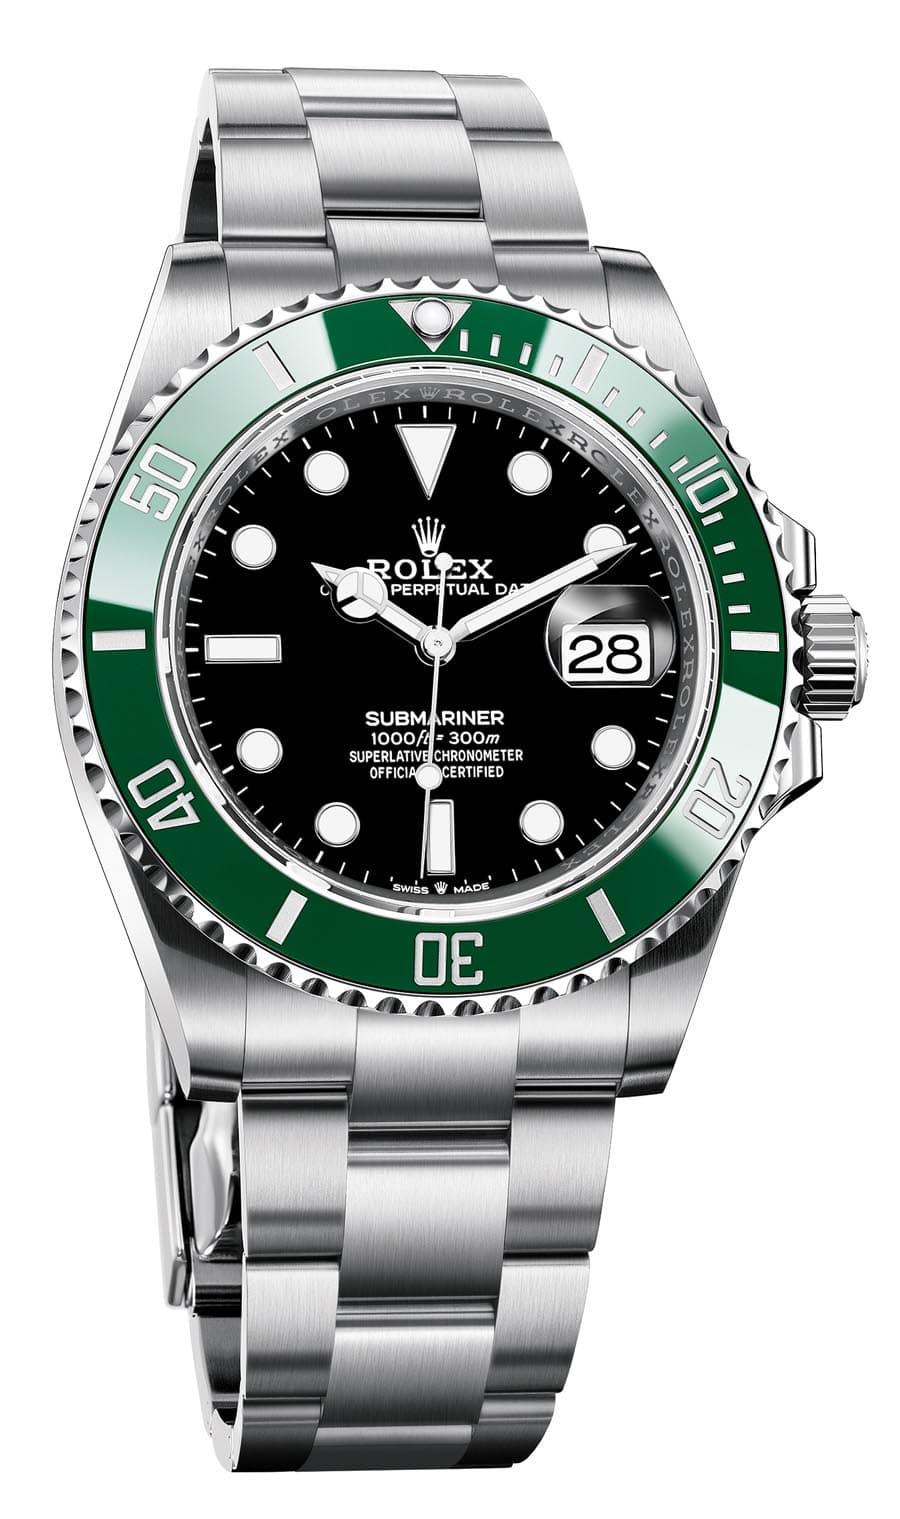 Neu 2020: Rolex Oyster Perpetual Submariner Date in Stahl mit schwarzem Zifferblatt und grüner Keramiklünette